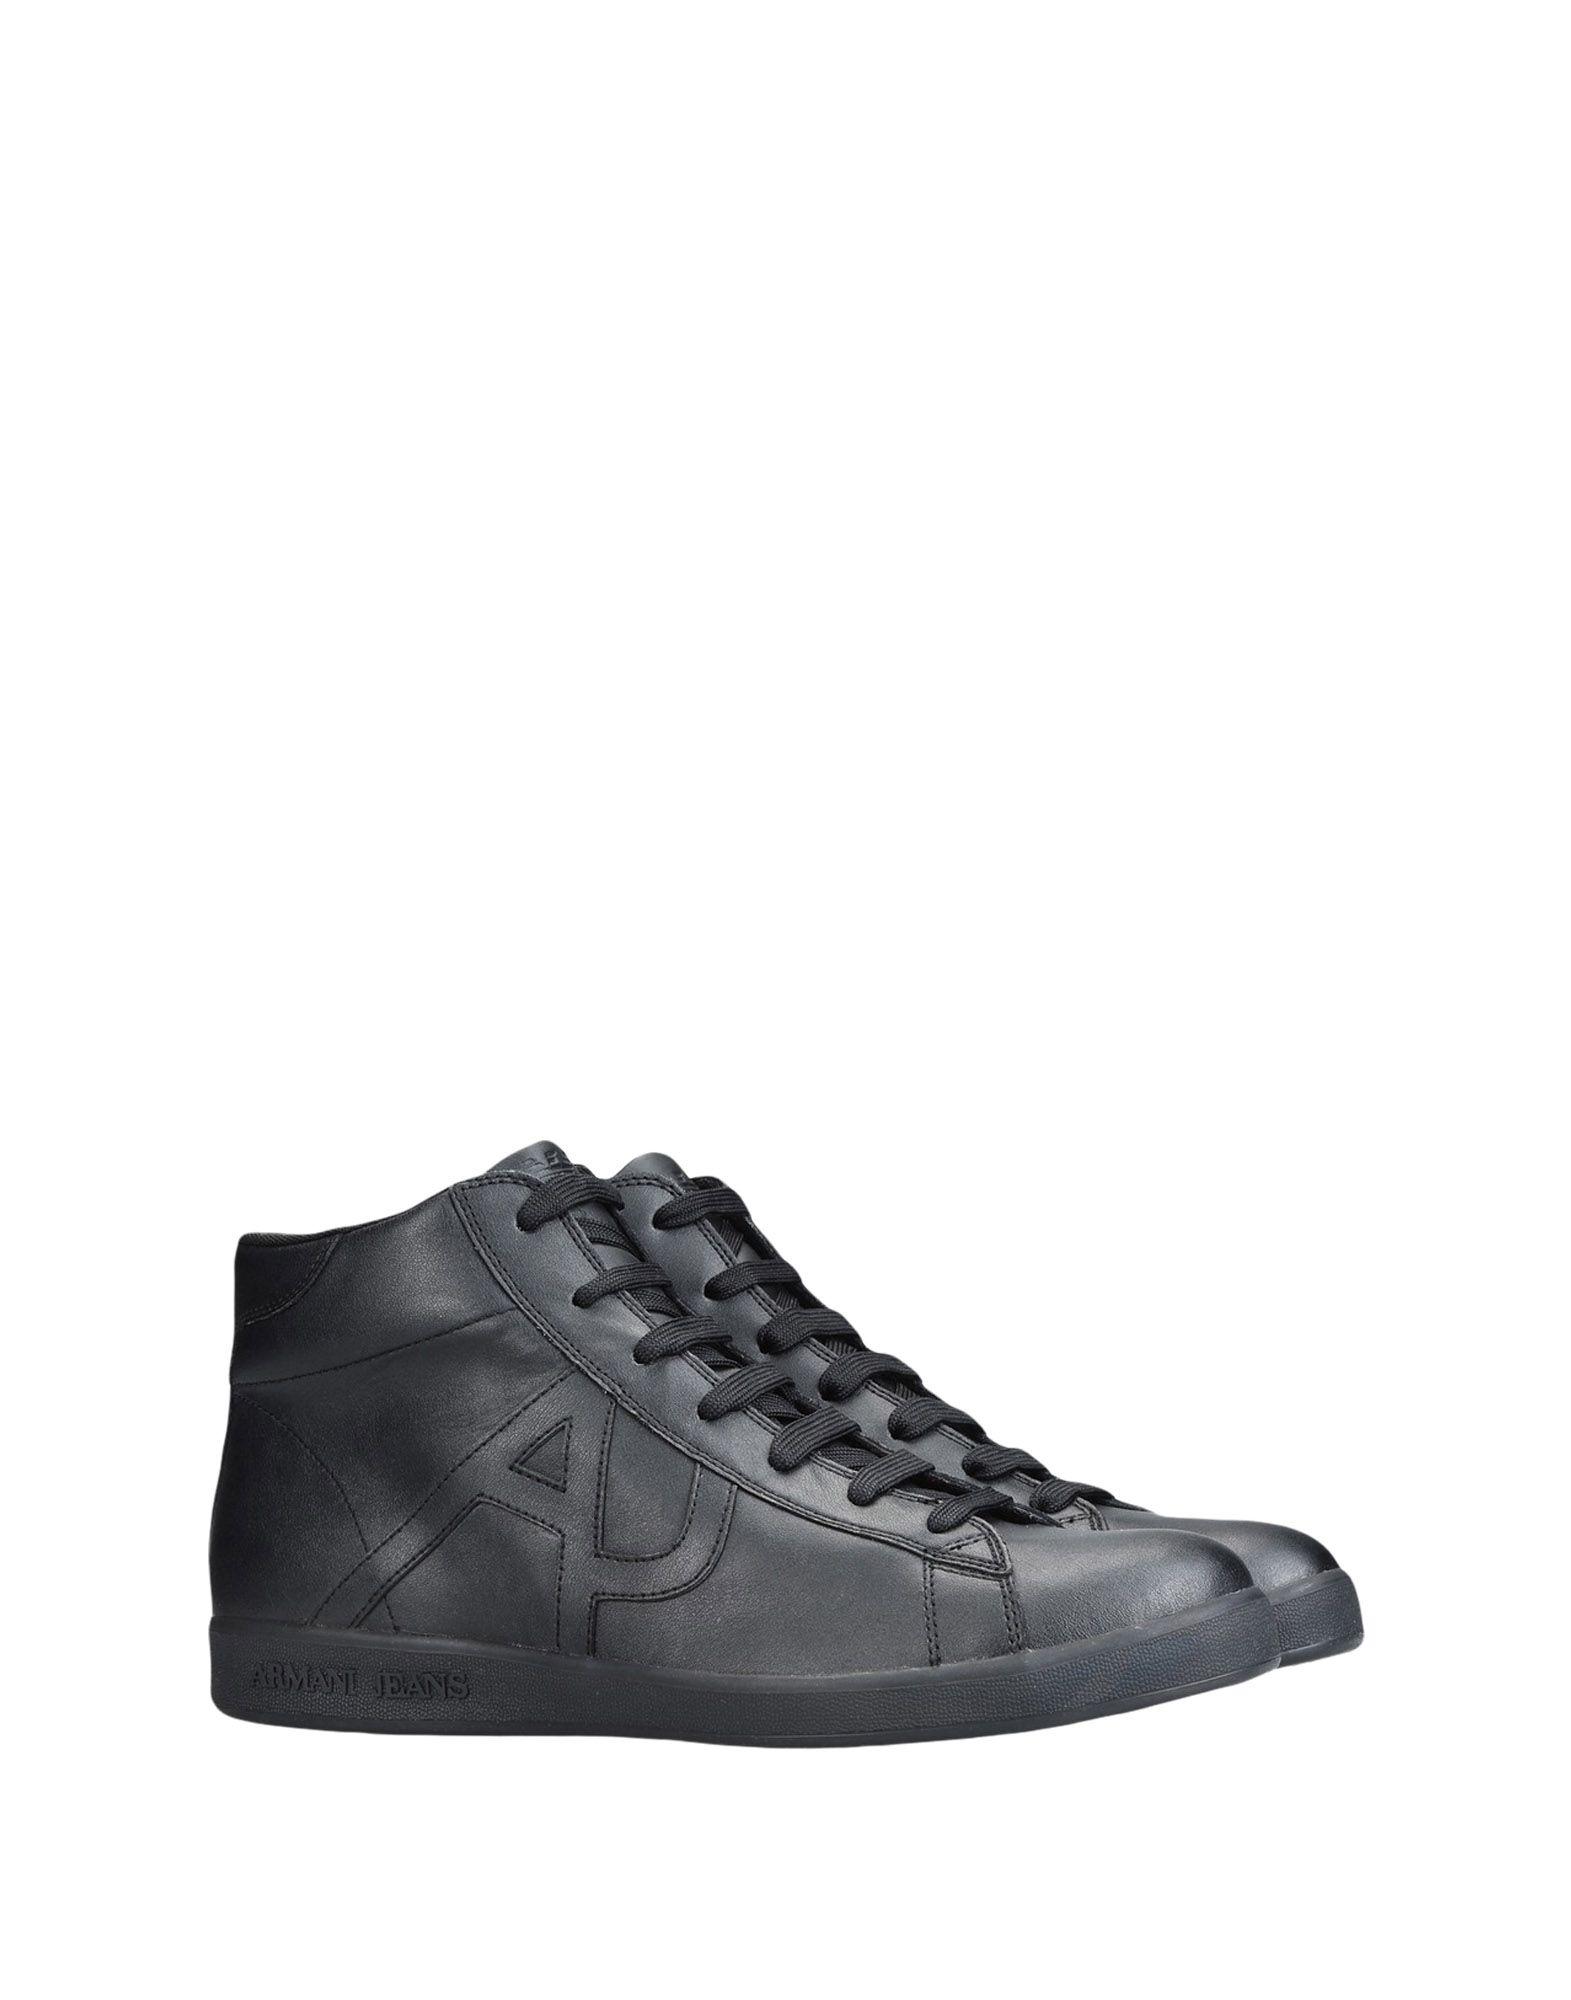 Rabatt echte Schuhe Armani Jeans Sneakers Herren  11443740MG